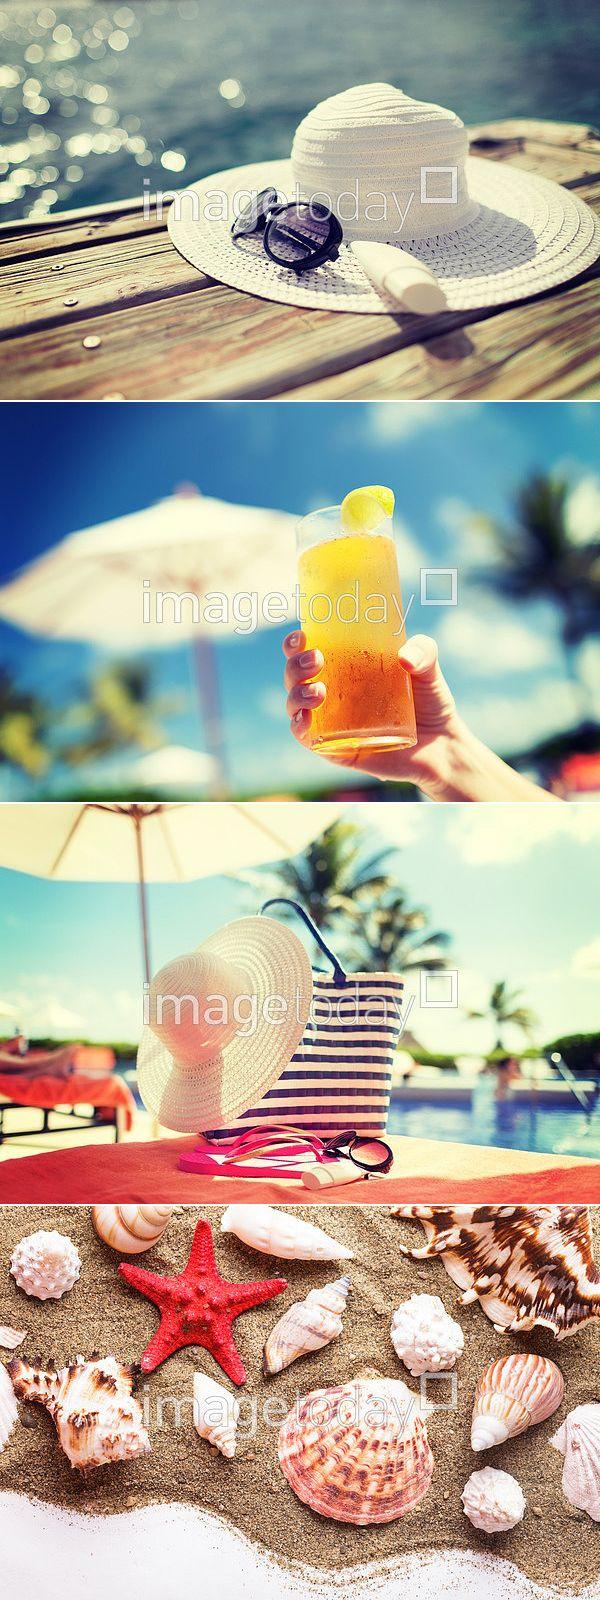 사진 #이미지투데이 #imagetoday #클립아트코리아 #clipartkorea #통로이미지 #tongroimages 모자 여름 실외 선글라스 여행 오브젝트 휴가 휴식 칵테일 선베드 불가사리 물결 모래 신선 컬러풀 다양함 hat summer outside sunglasses travel object holiday cocktail sunbed starfish wave sand fresh colorful variety